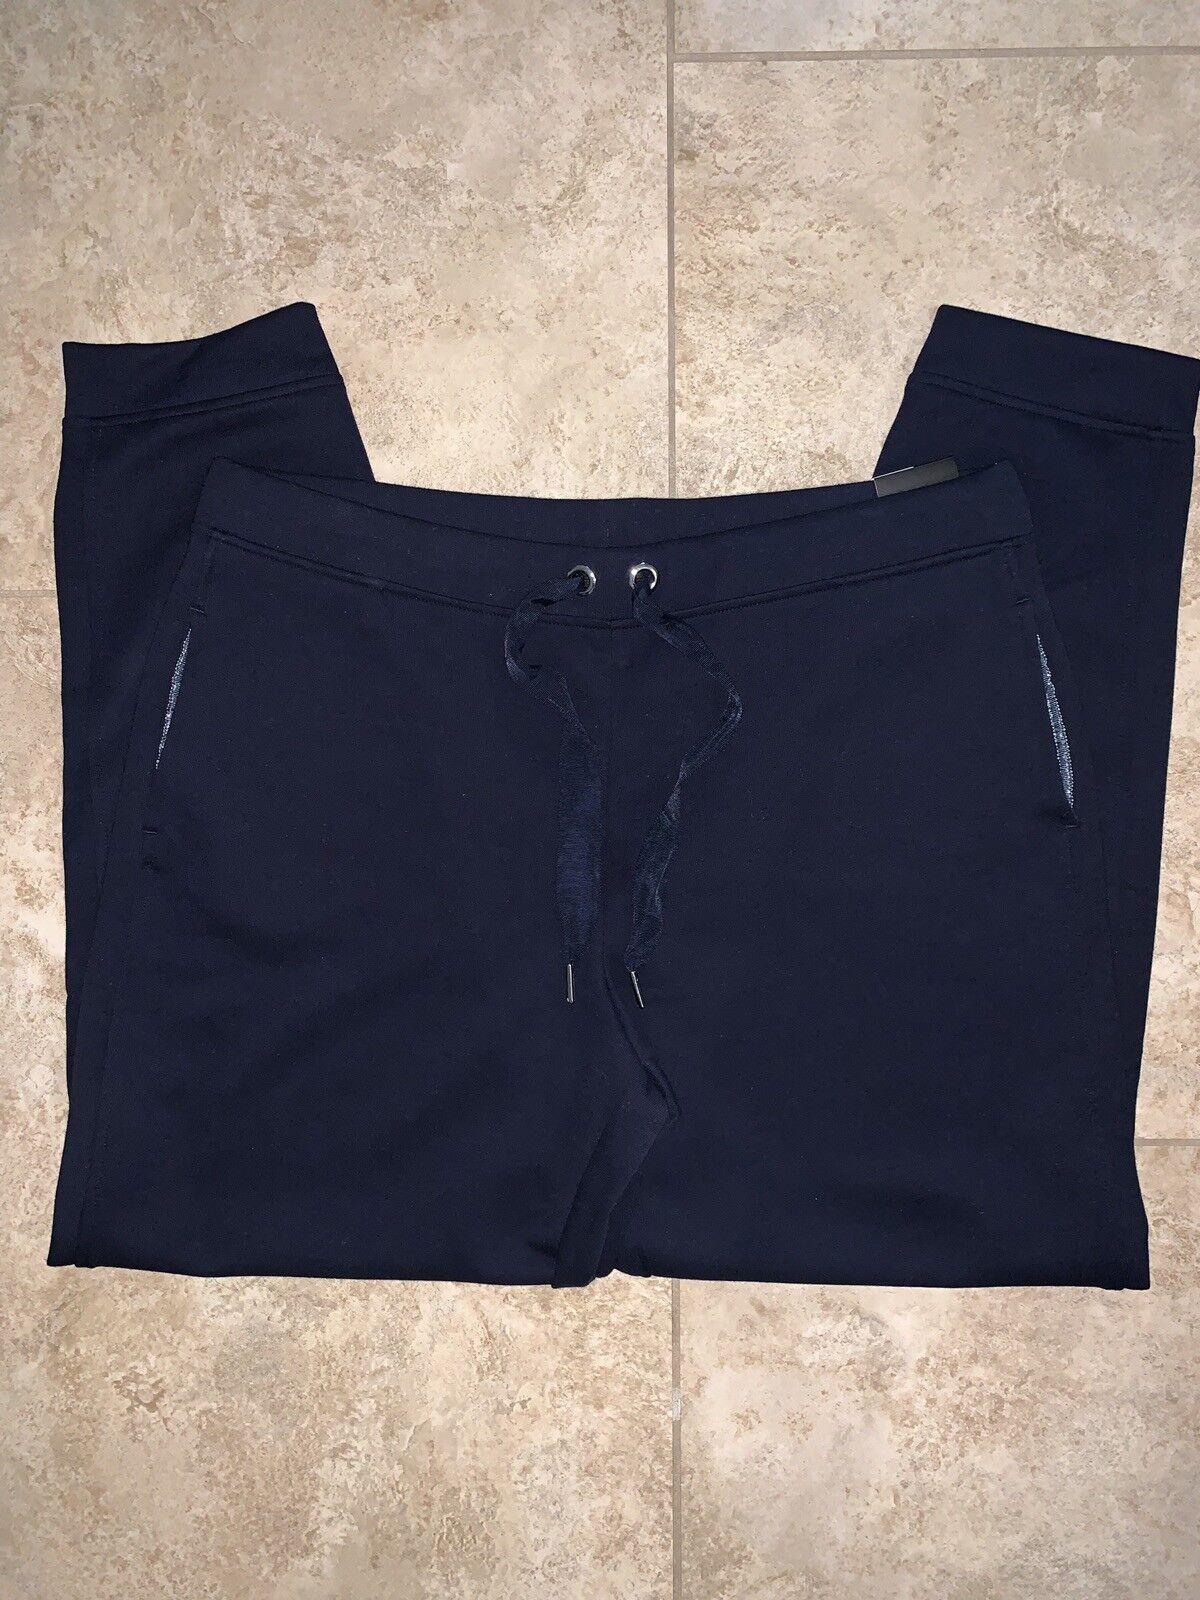 NWT VSX Sport Sweats Lounge Pants Navy Size L